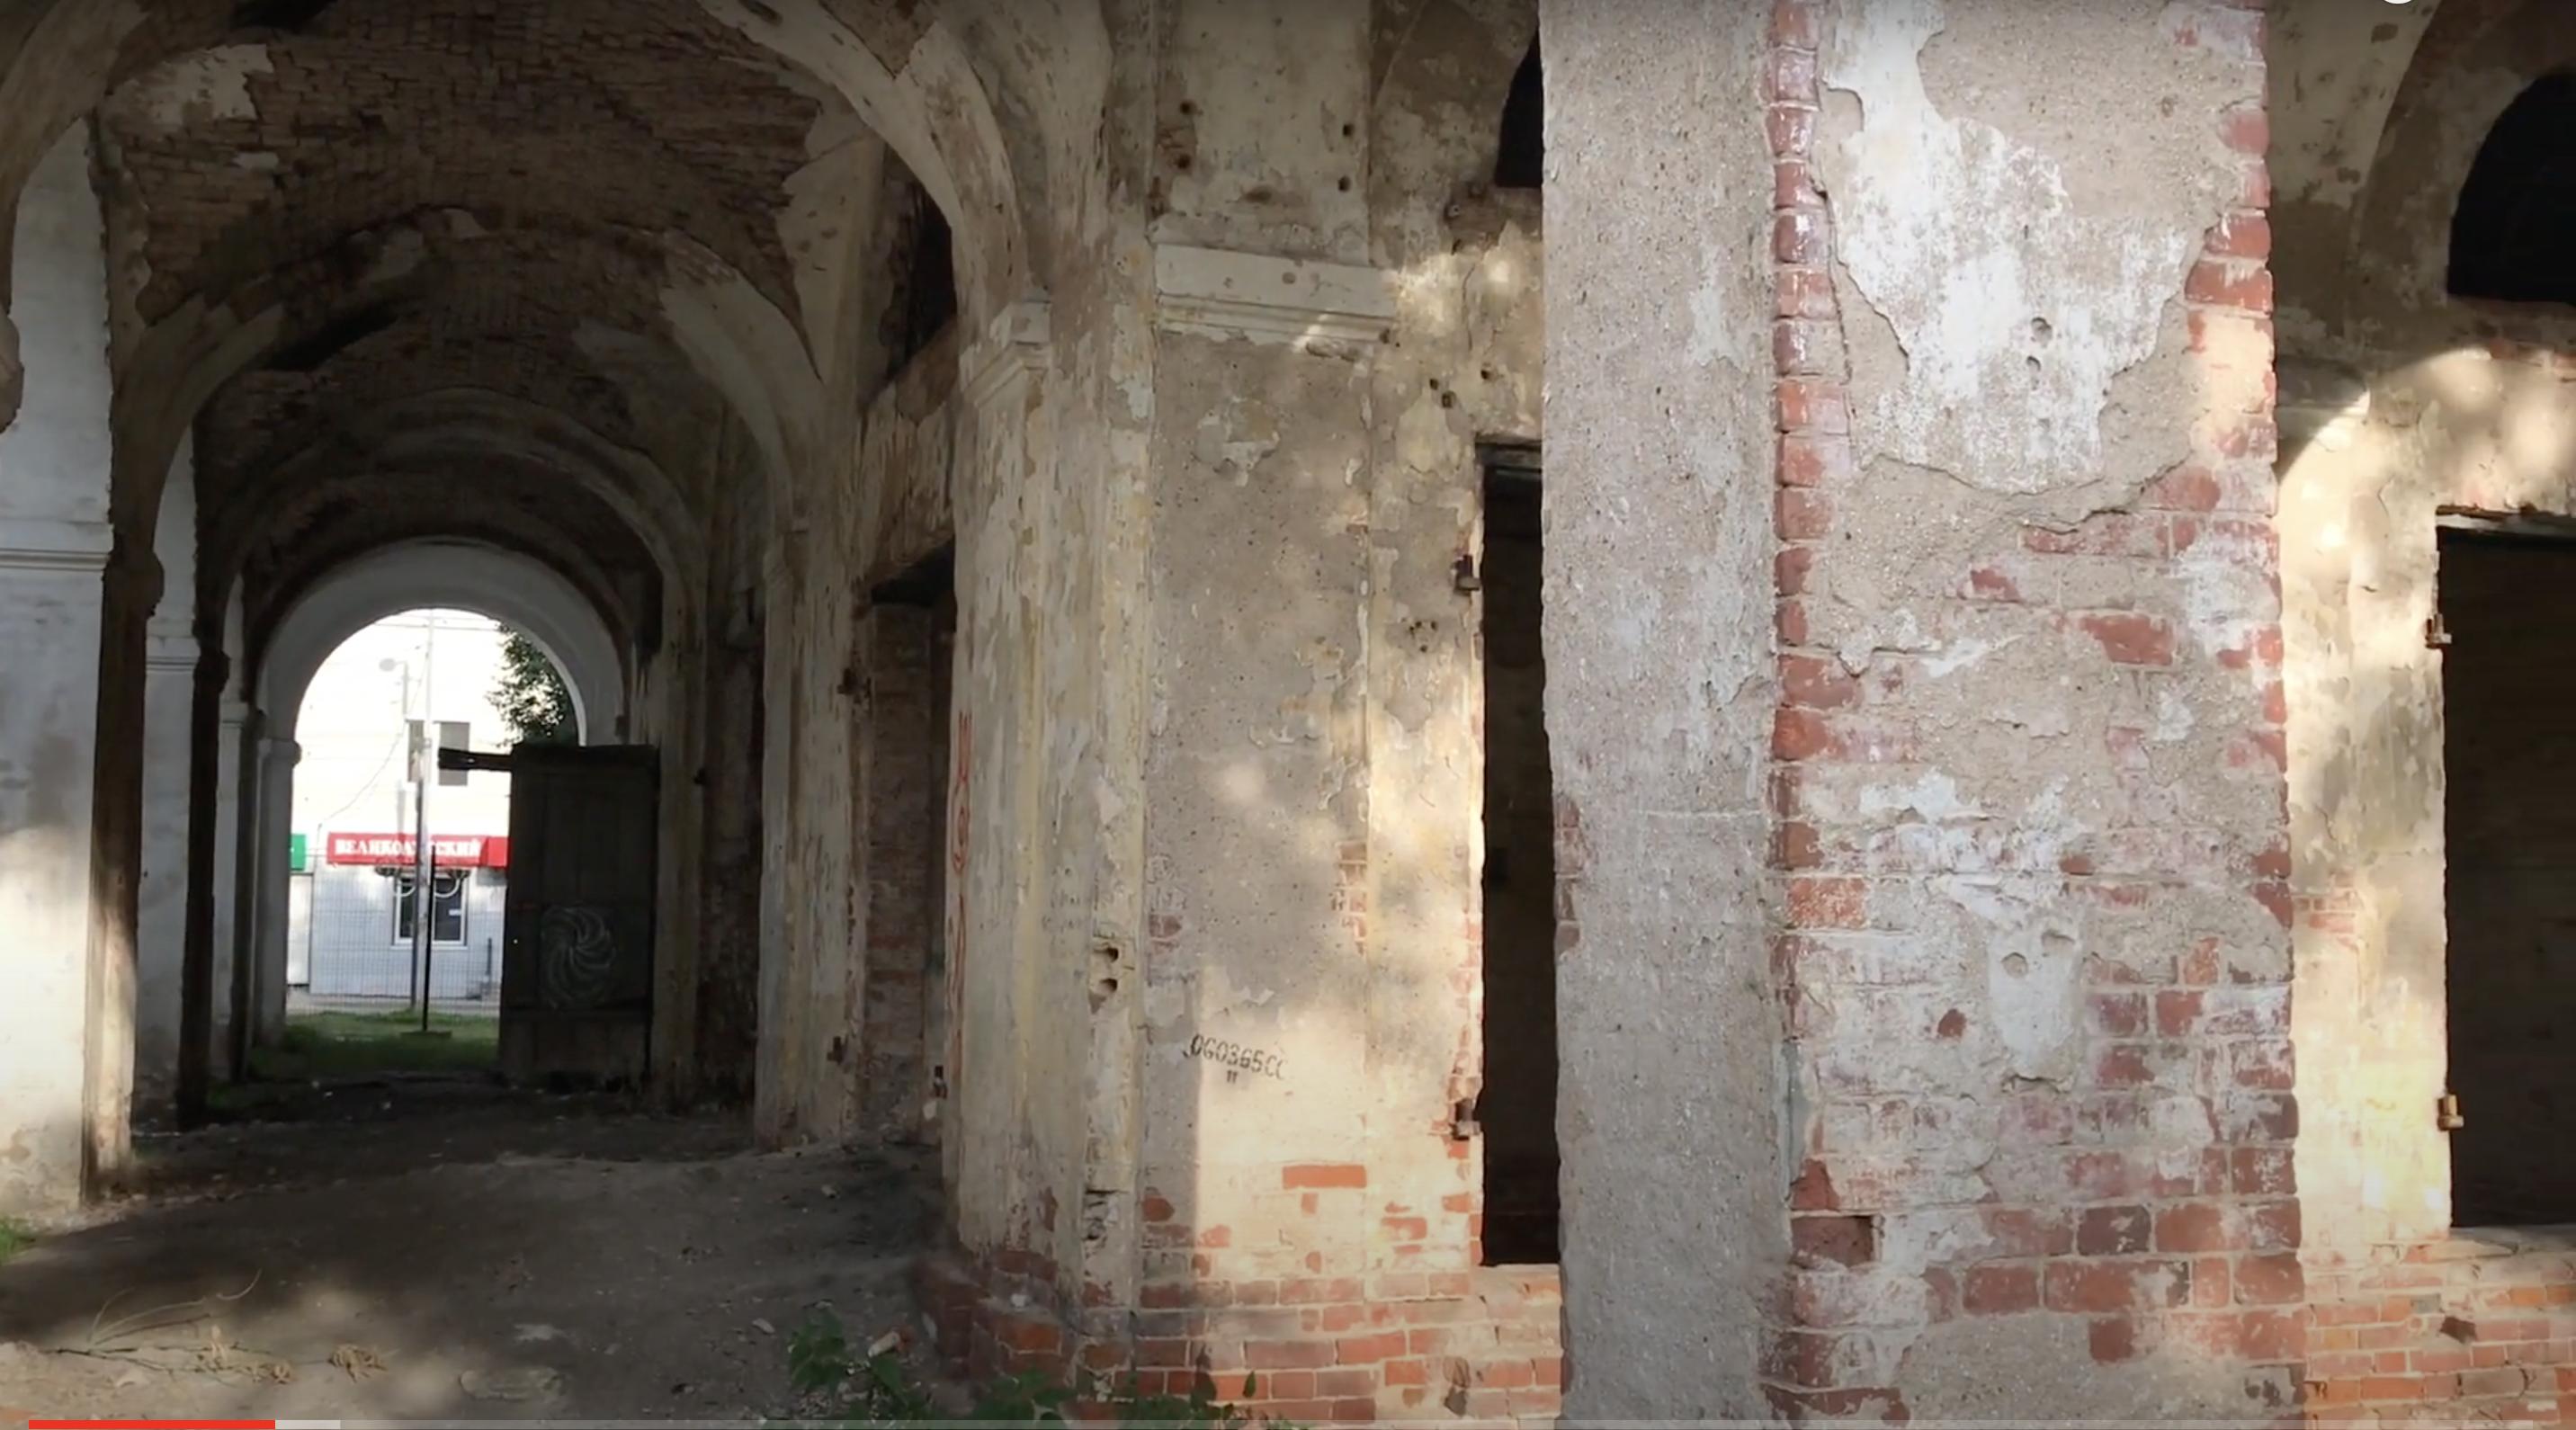 The Dying Town of Vyshny Volochok — Ludmila Belova, 2020